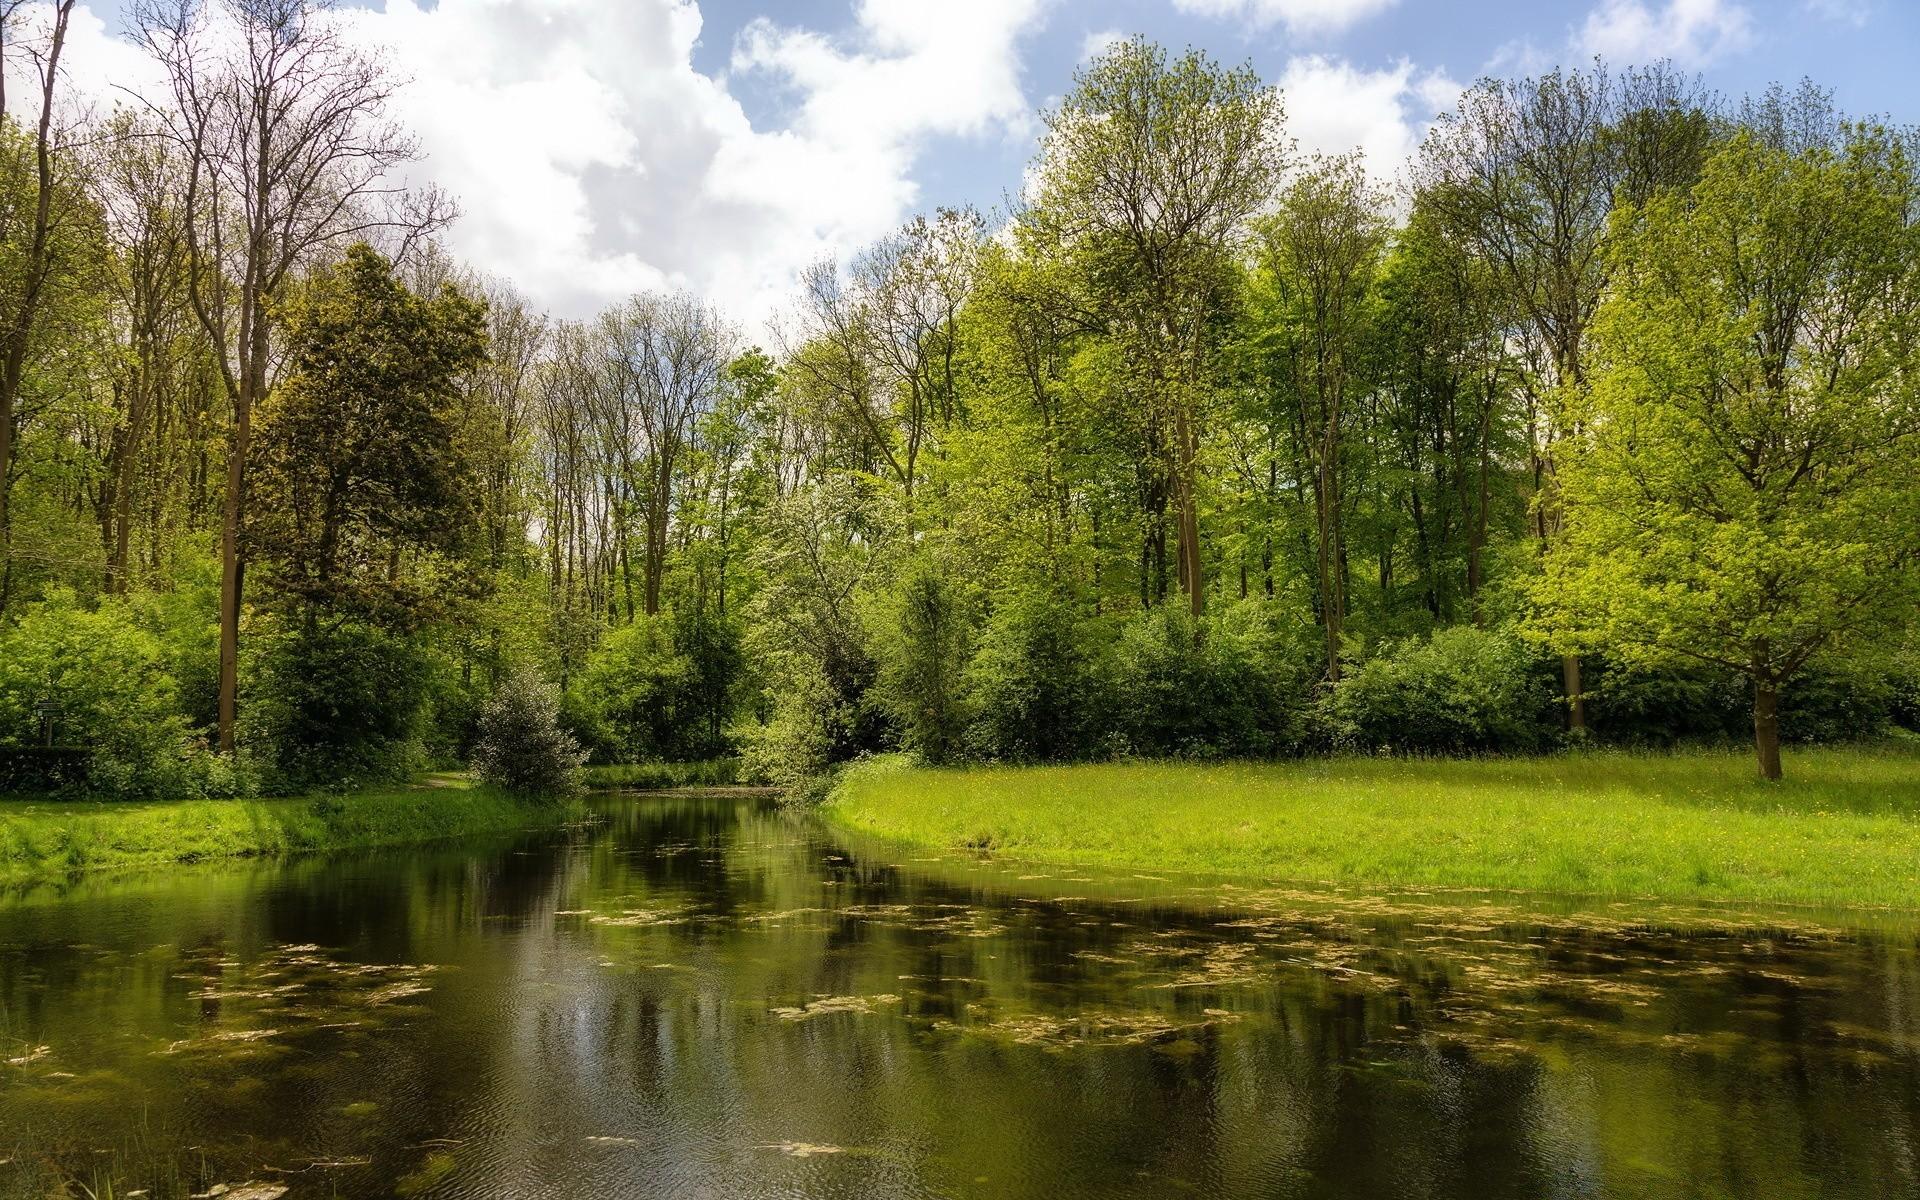 река деревья трава природа бесплатно